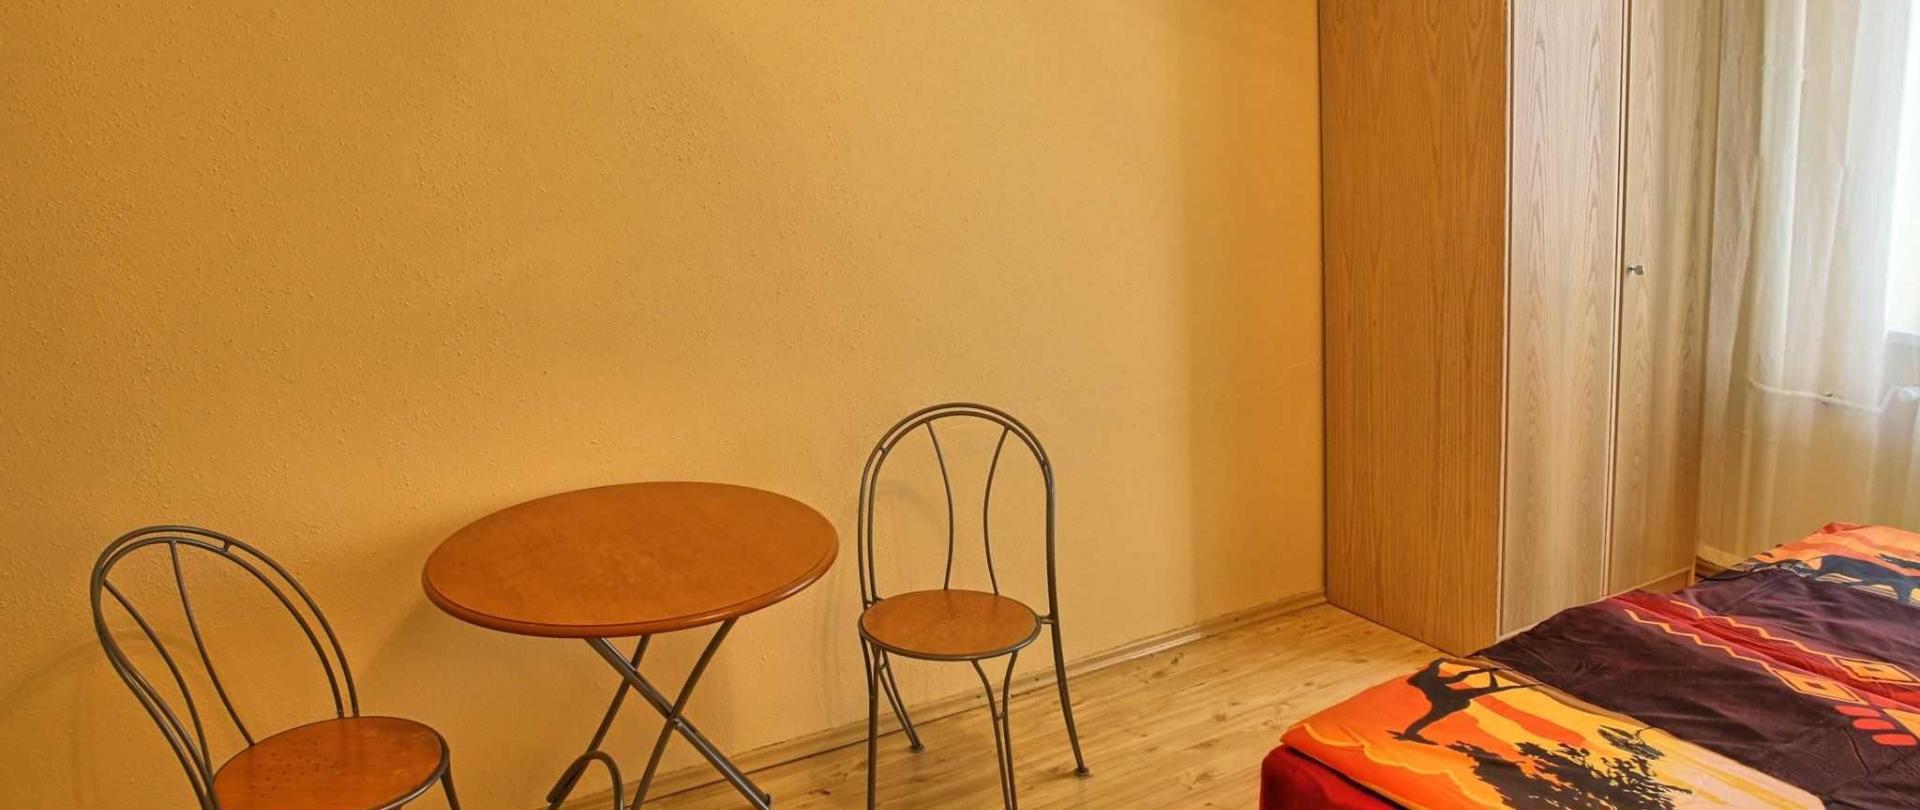 apartm-n-ert-v-ostrov-01.jpg